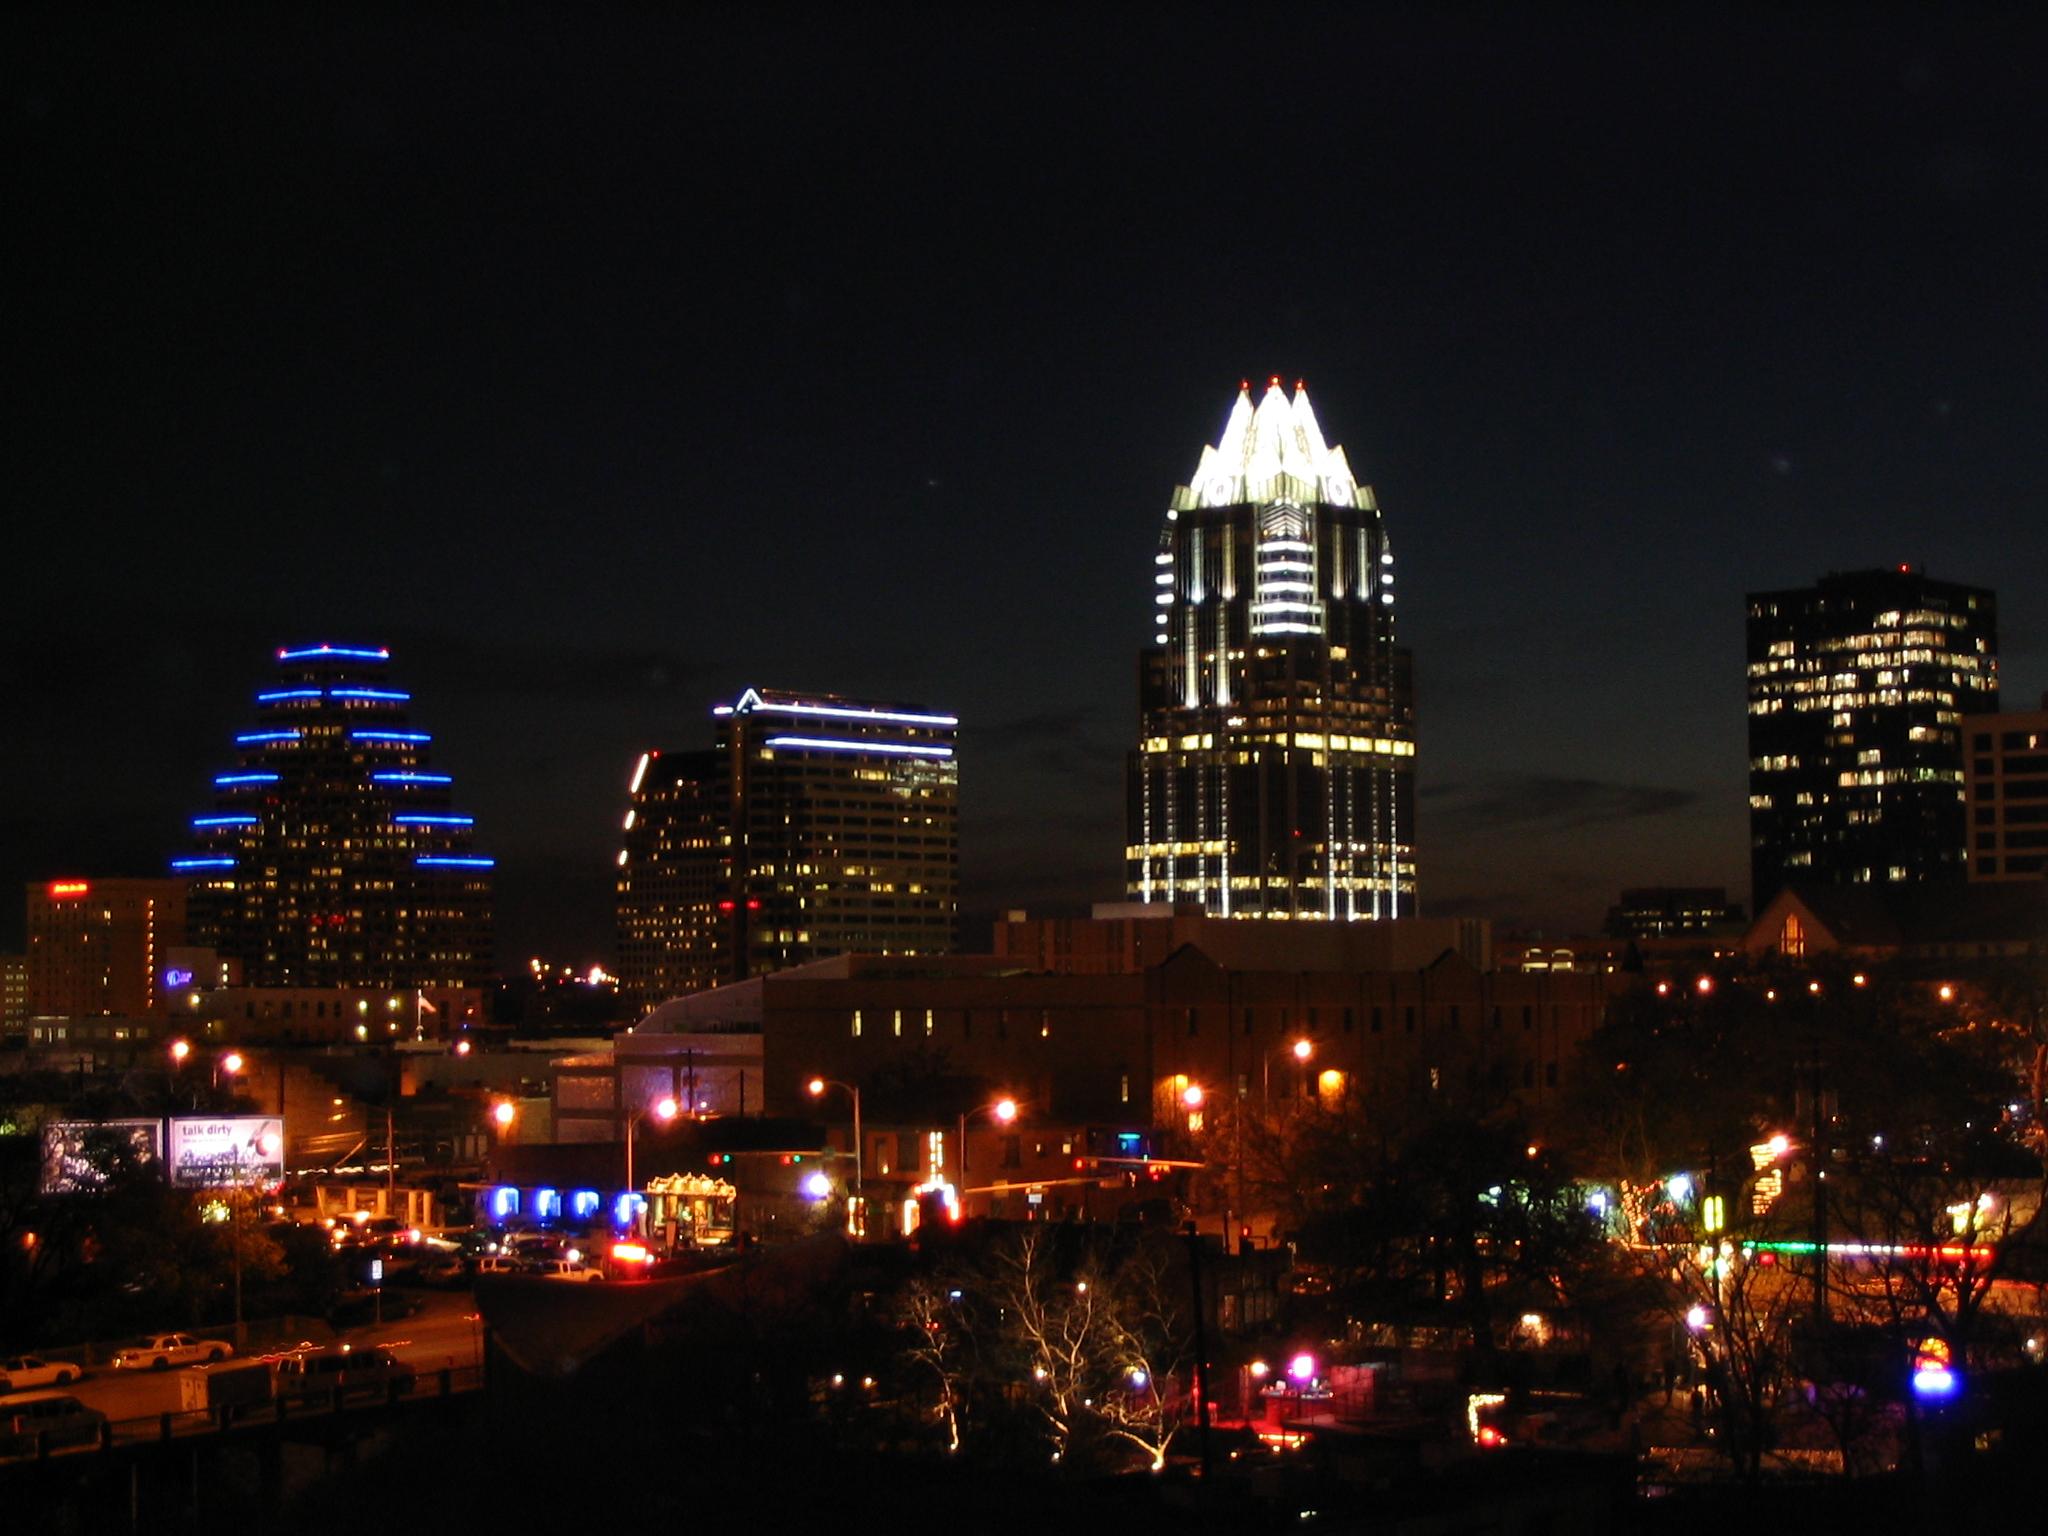 Austin Texas at Night by Ken Lund